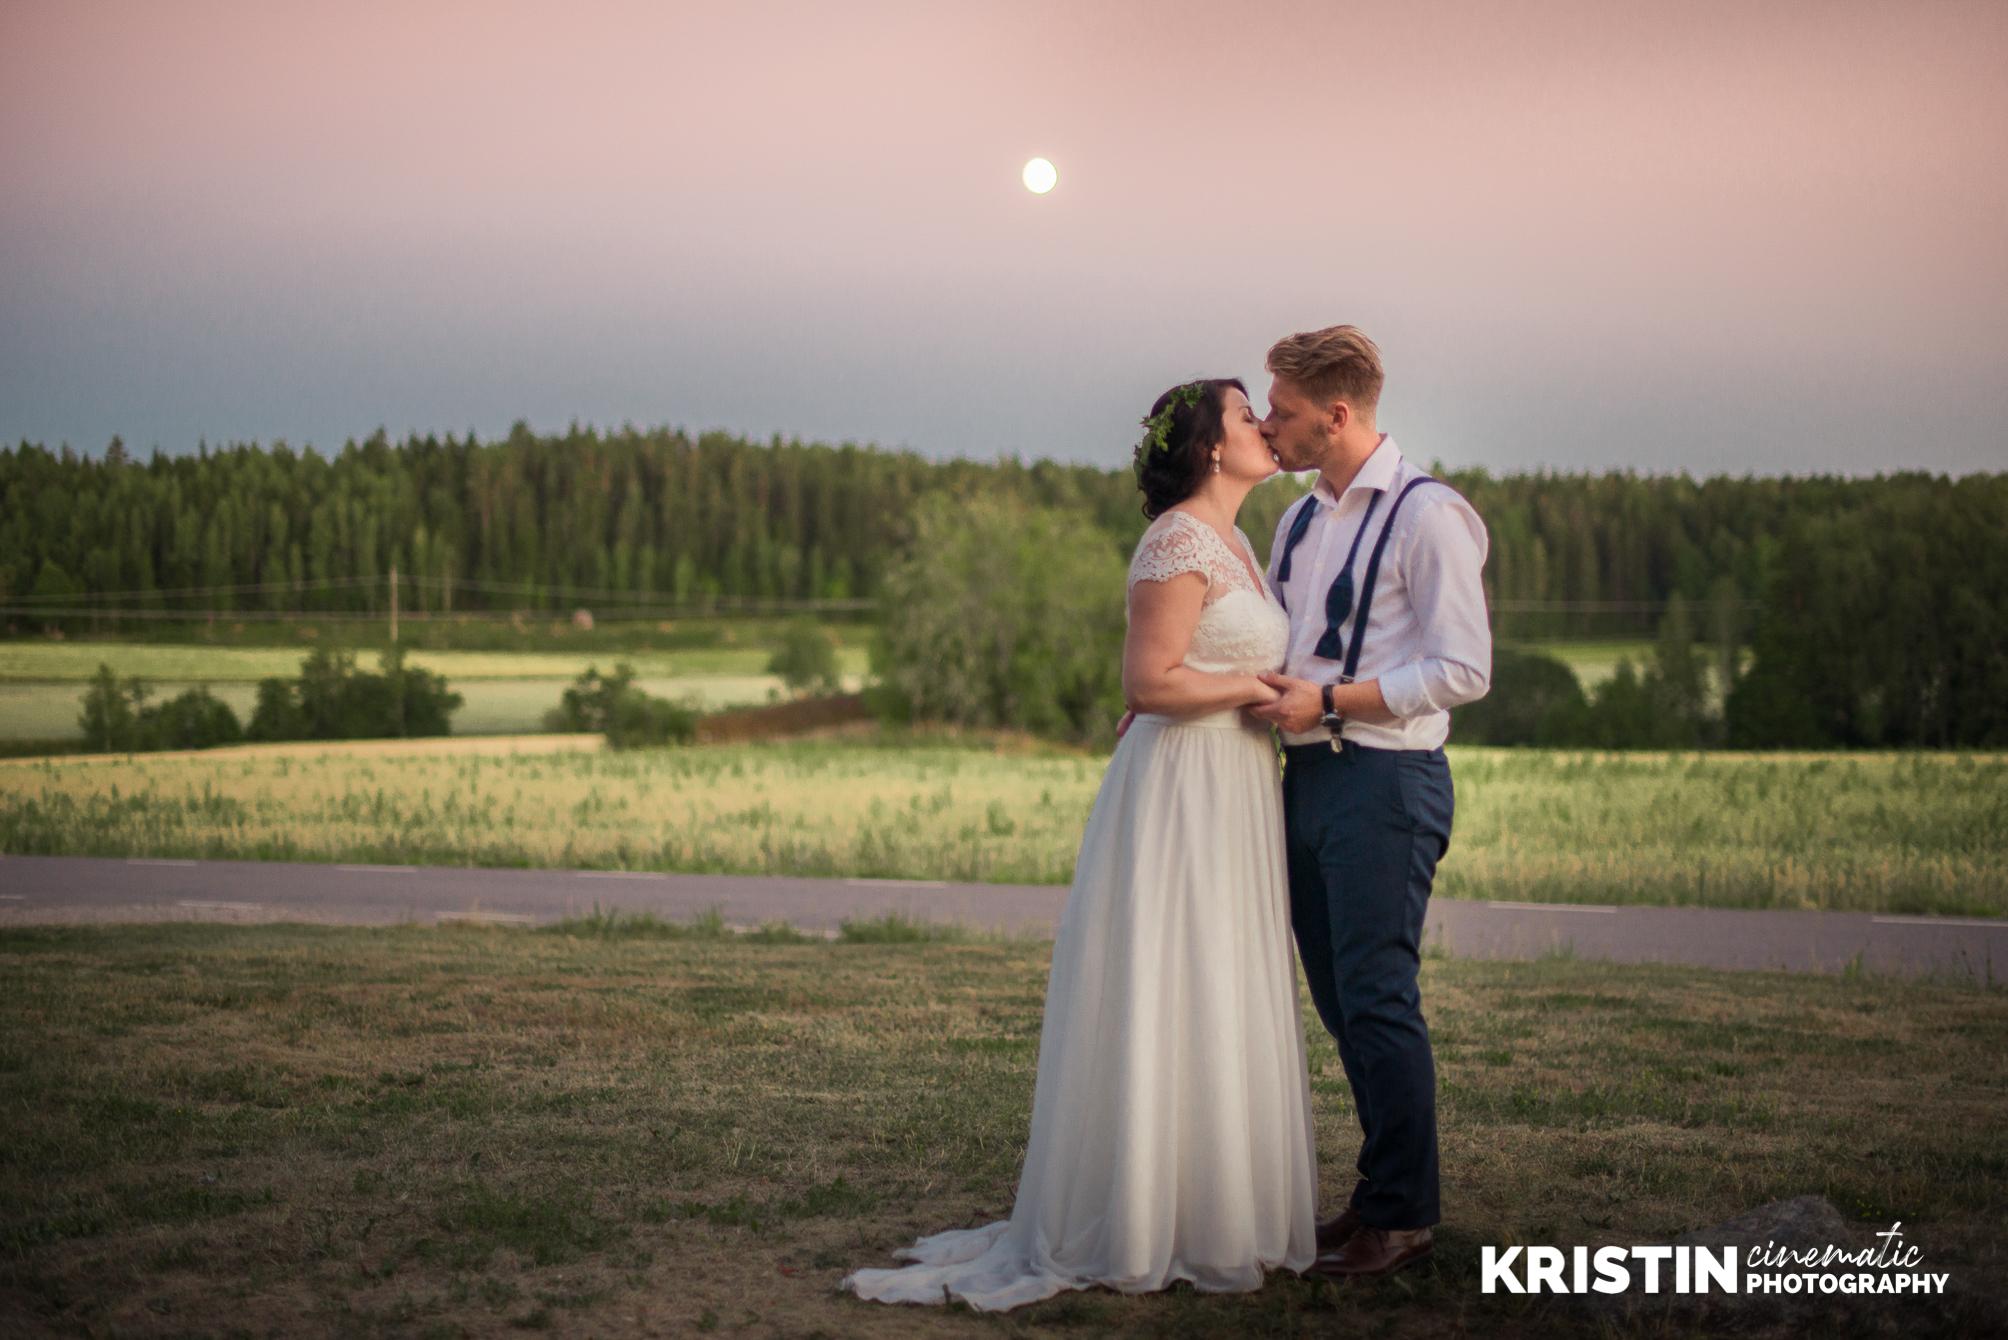 Bröllopsfotograf i Eskilstuna Kristin - Photography-25-2.jpg